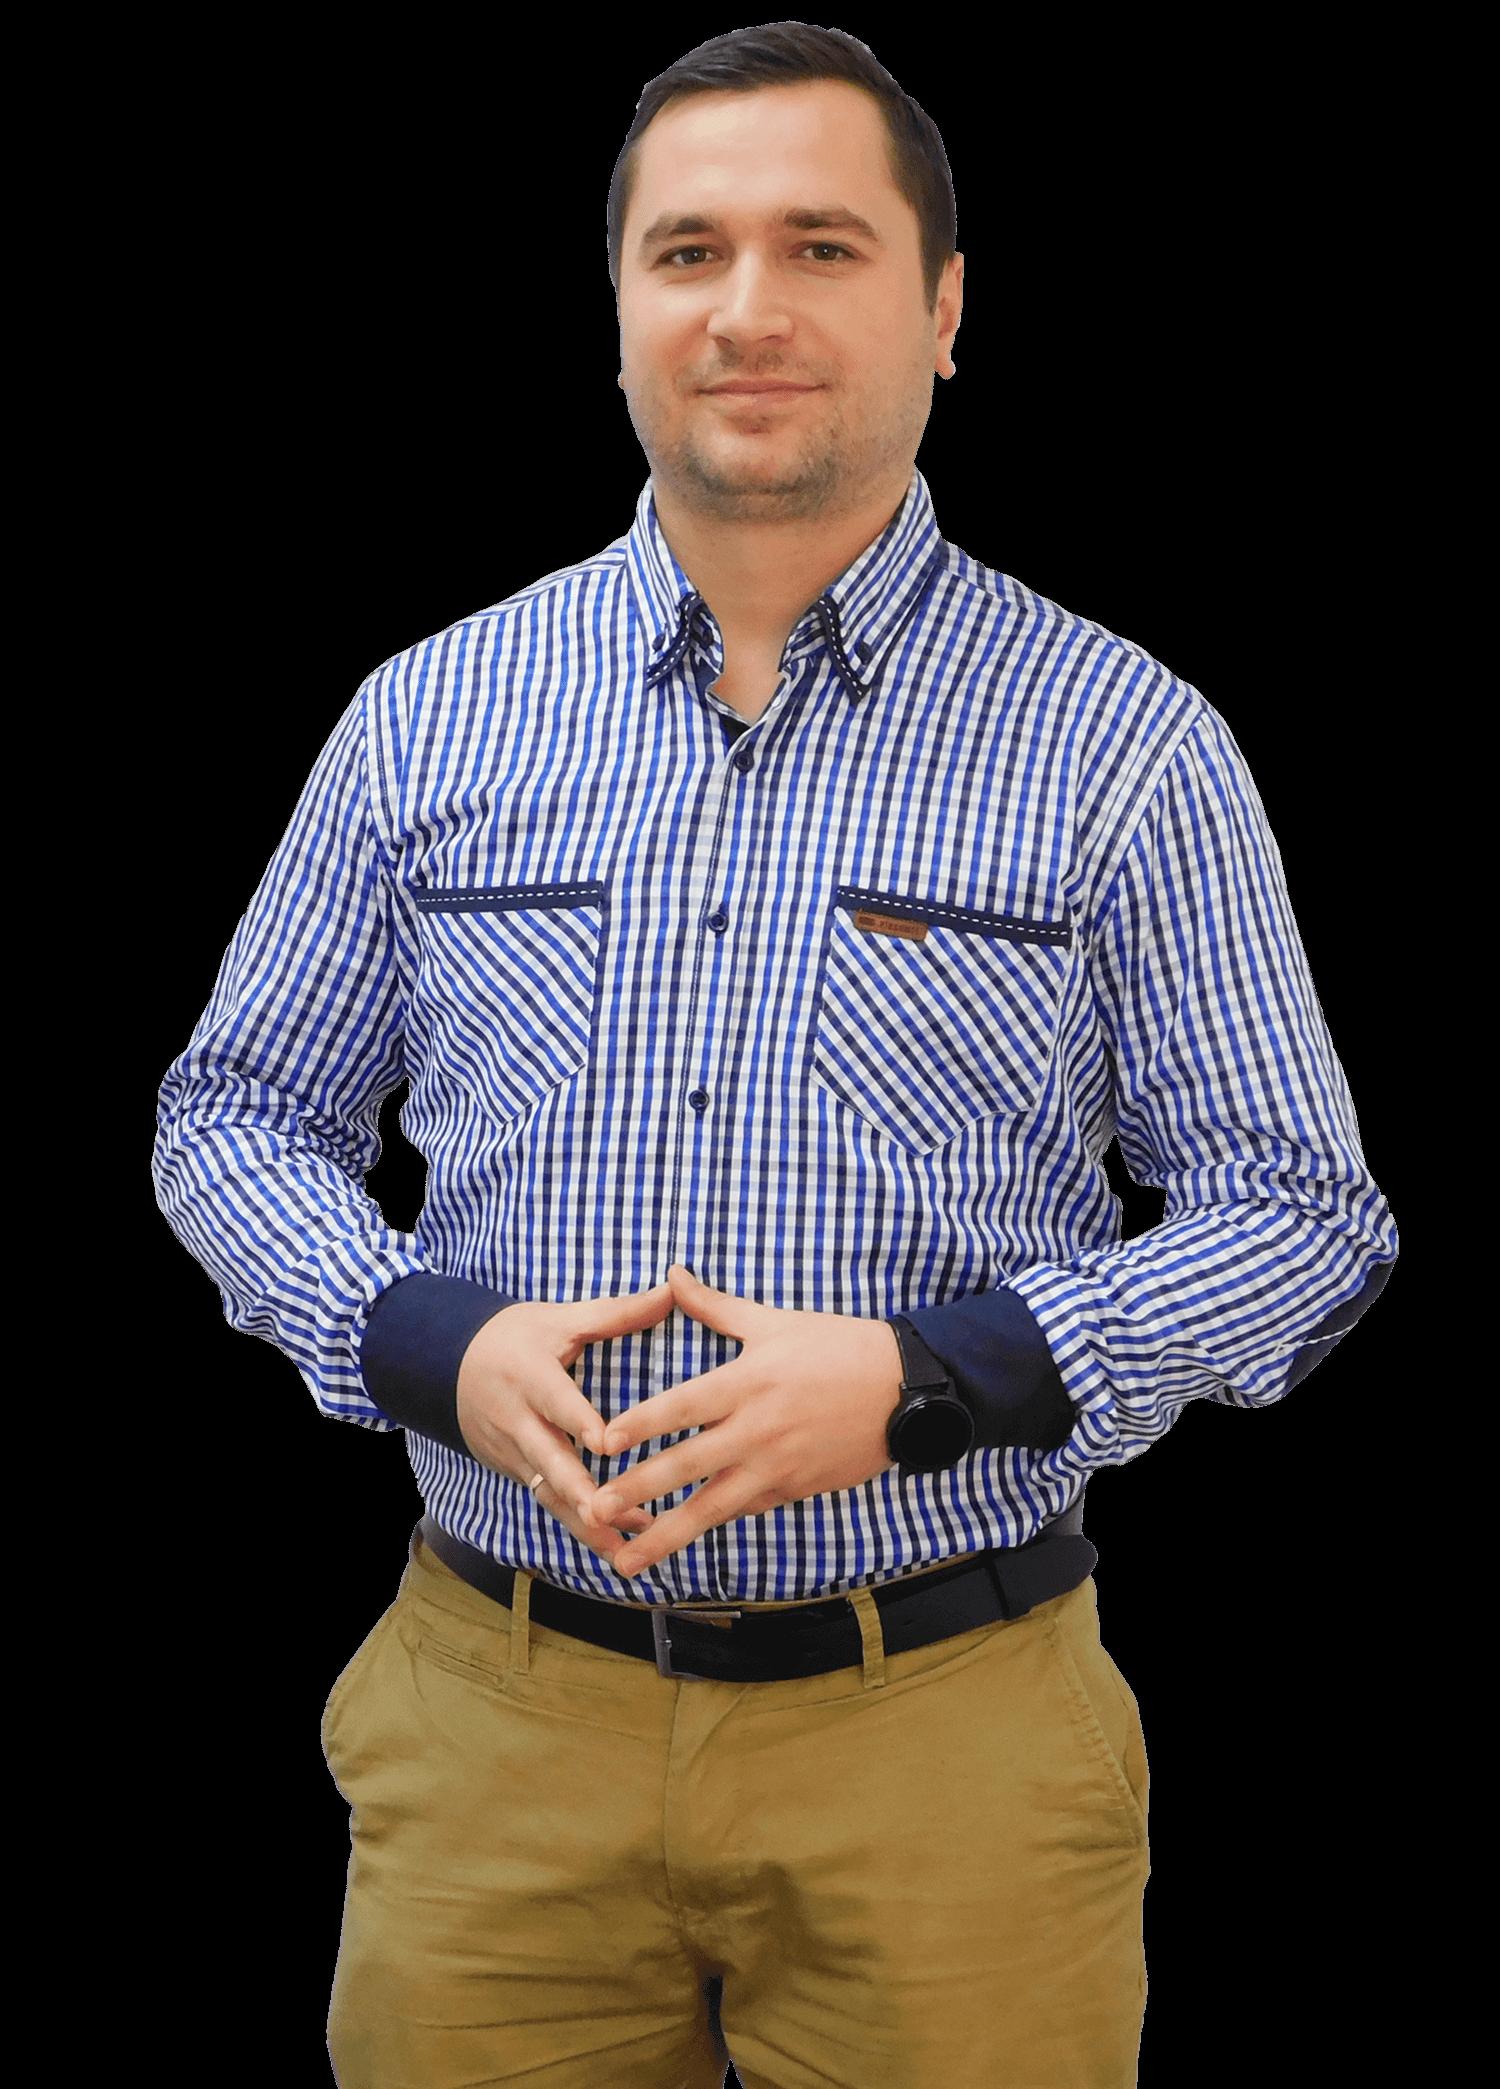 Piotr Pawłoś biogram